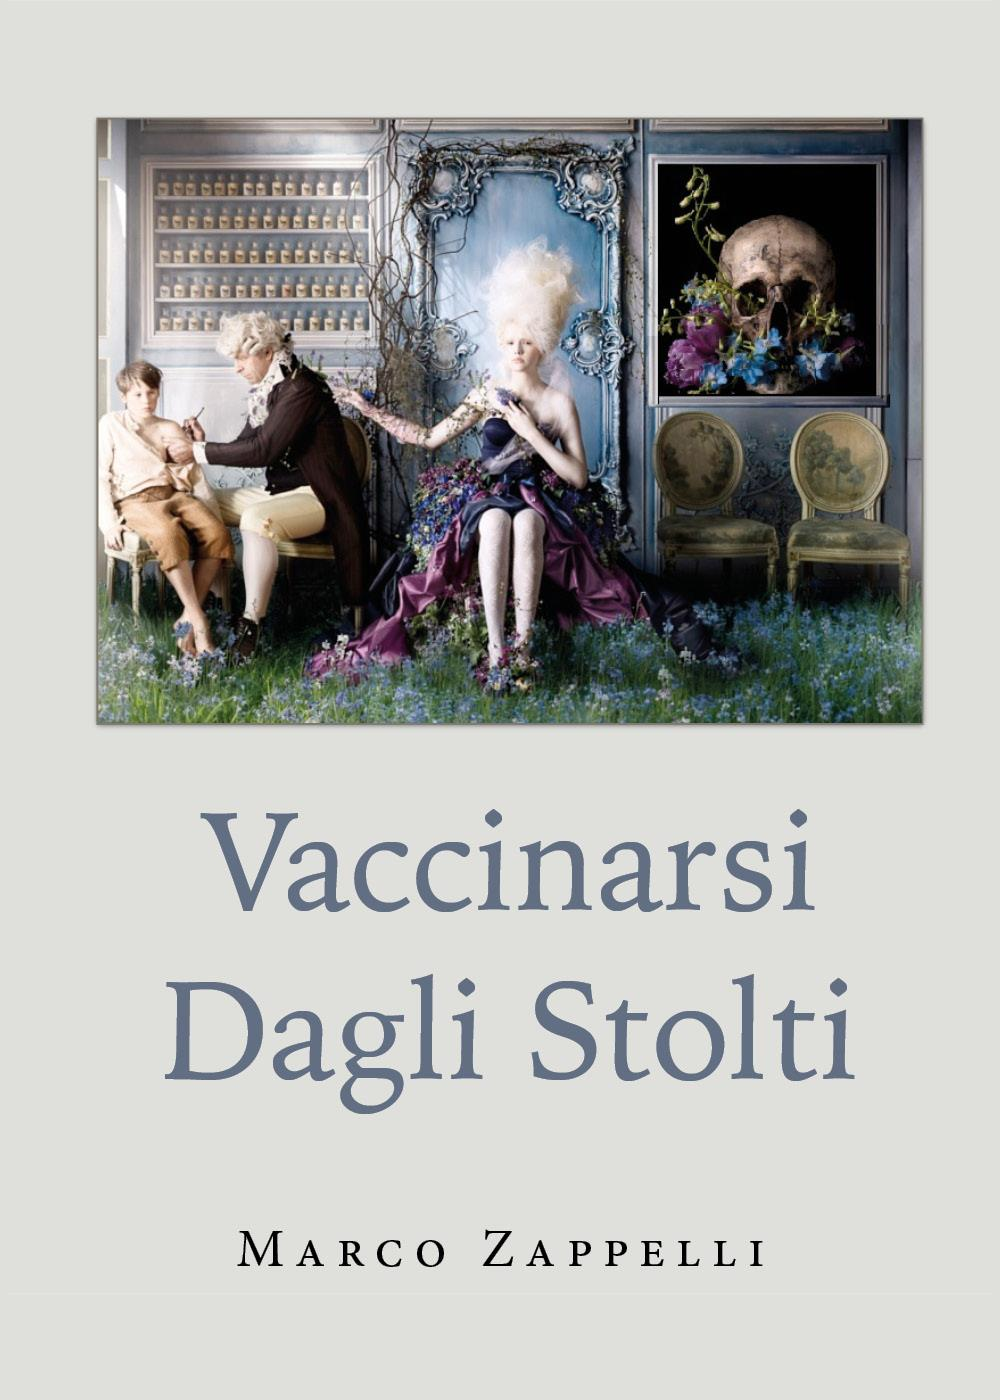 Vaccinarsi dagli Stolti